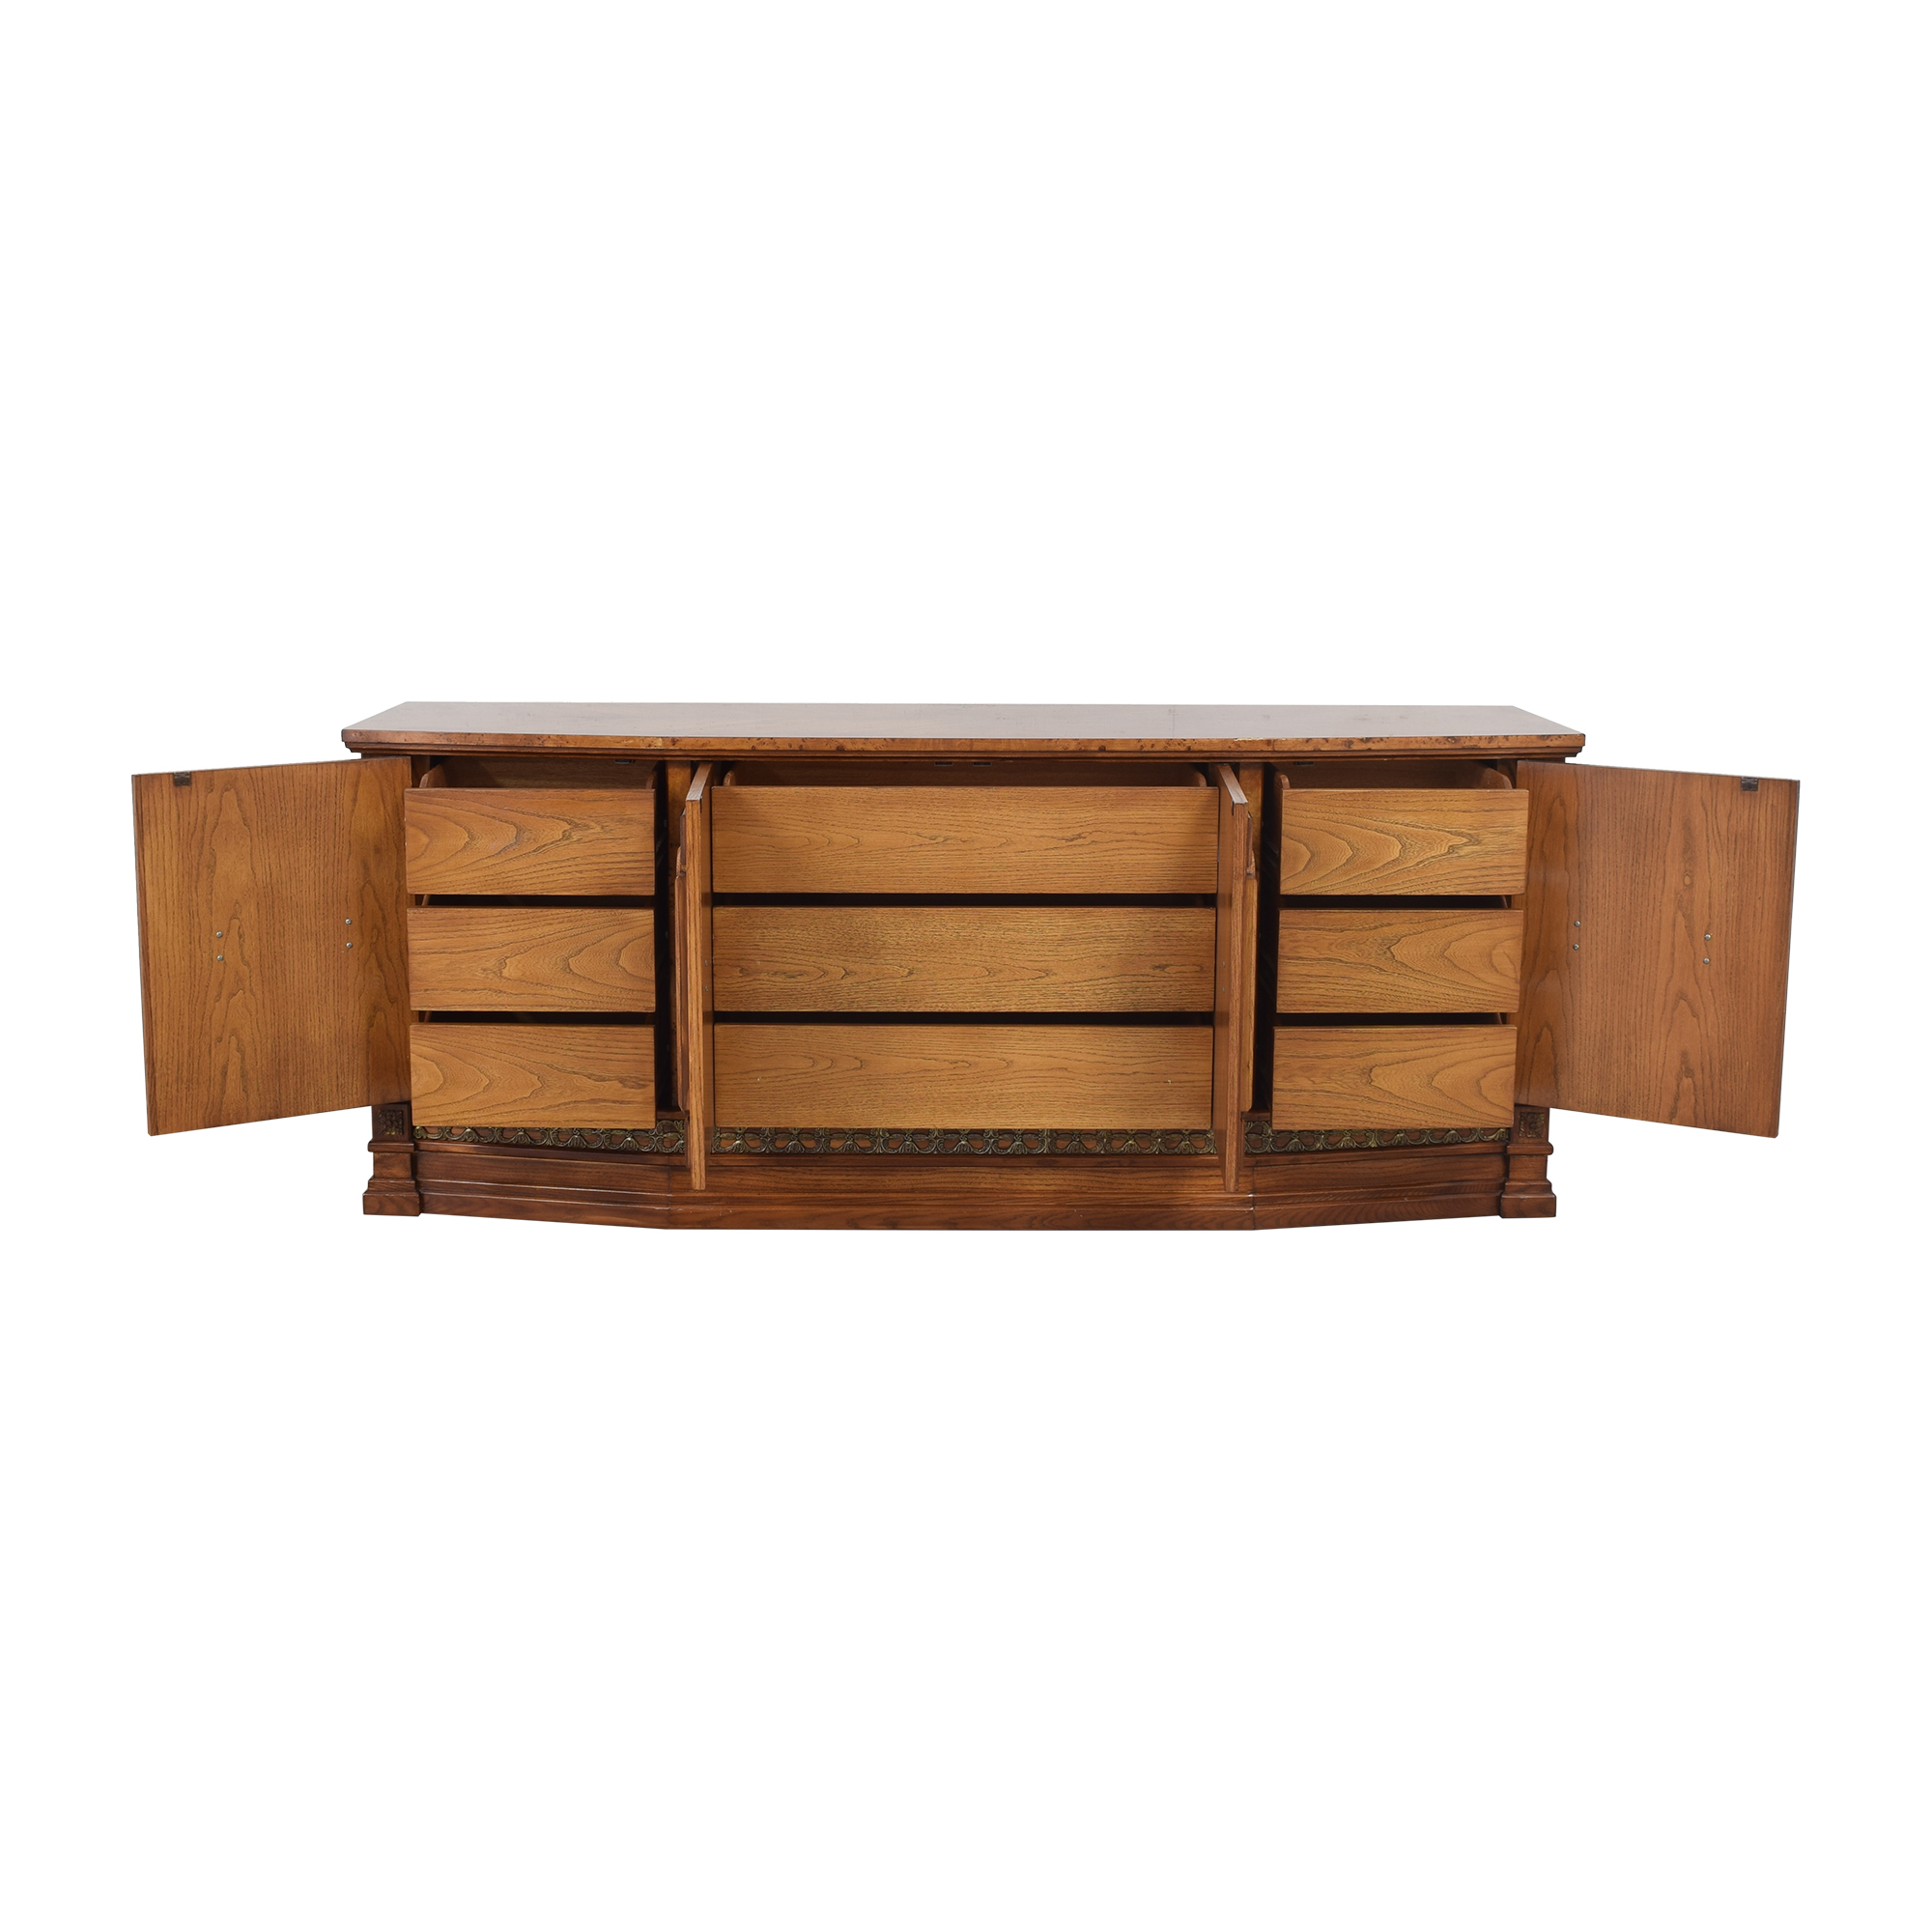 Nine Drawer Sideboard used